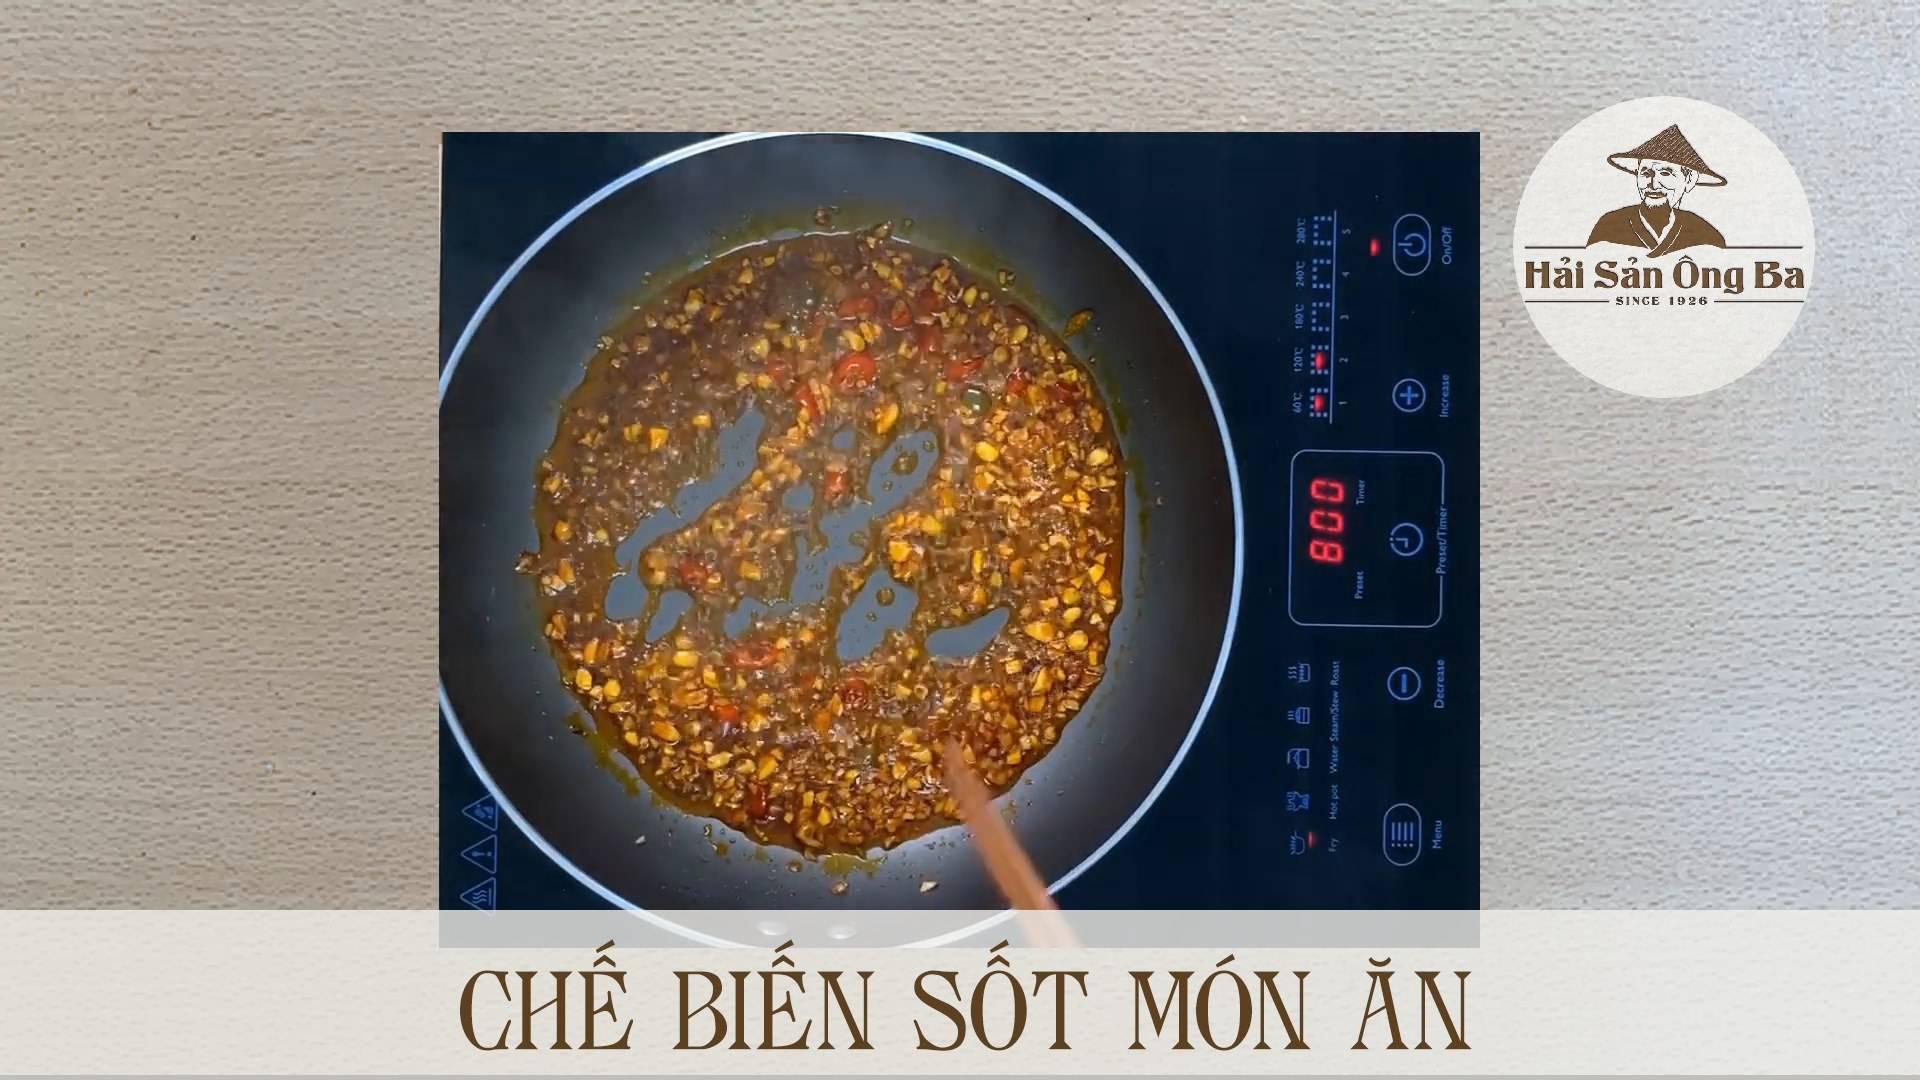 chế biến gia vị trong chảo trên bếp điện, nấu ăn